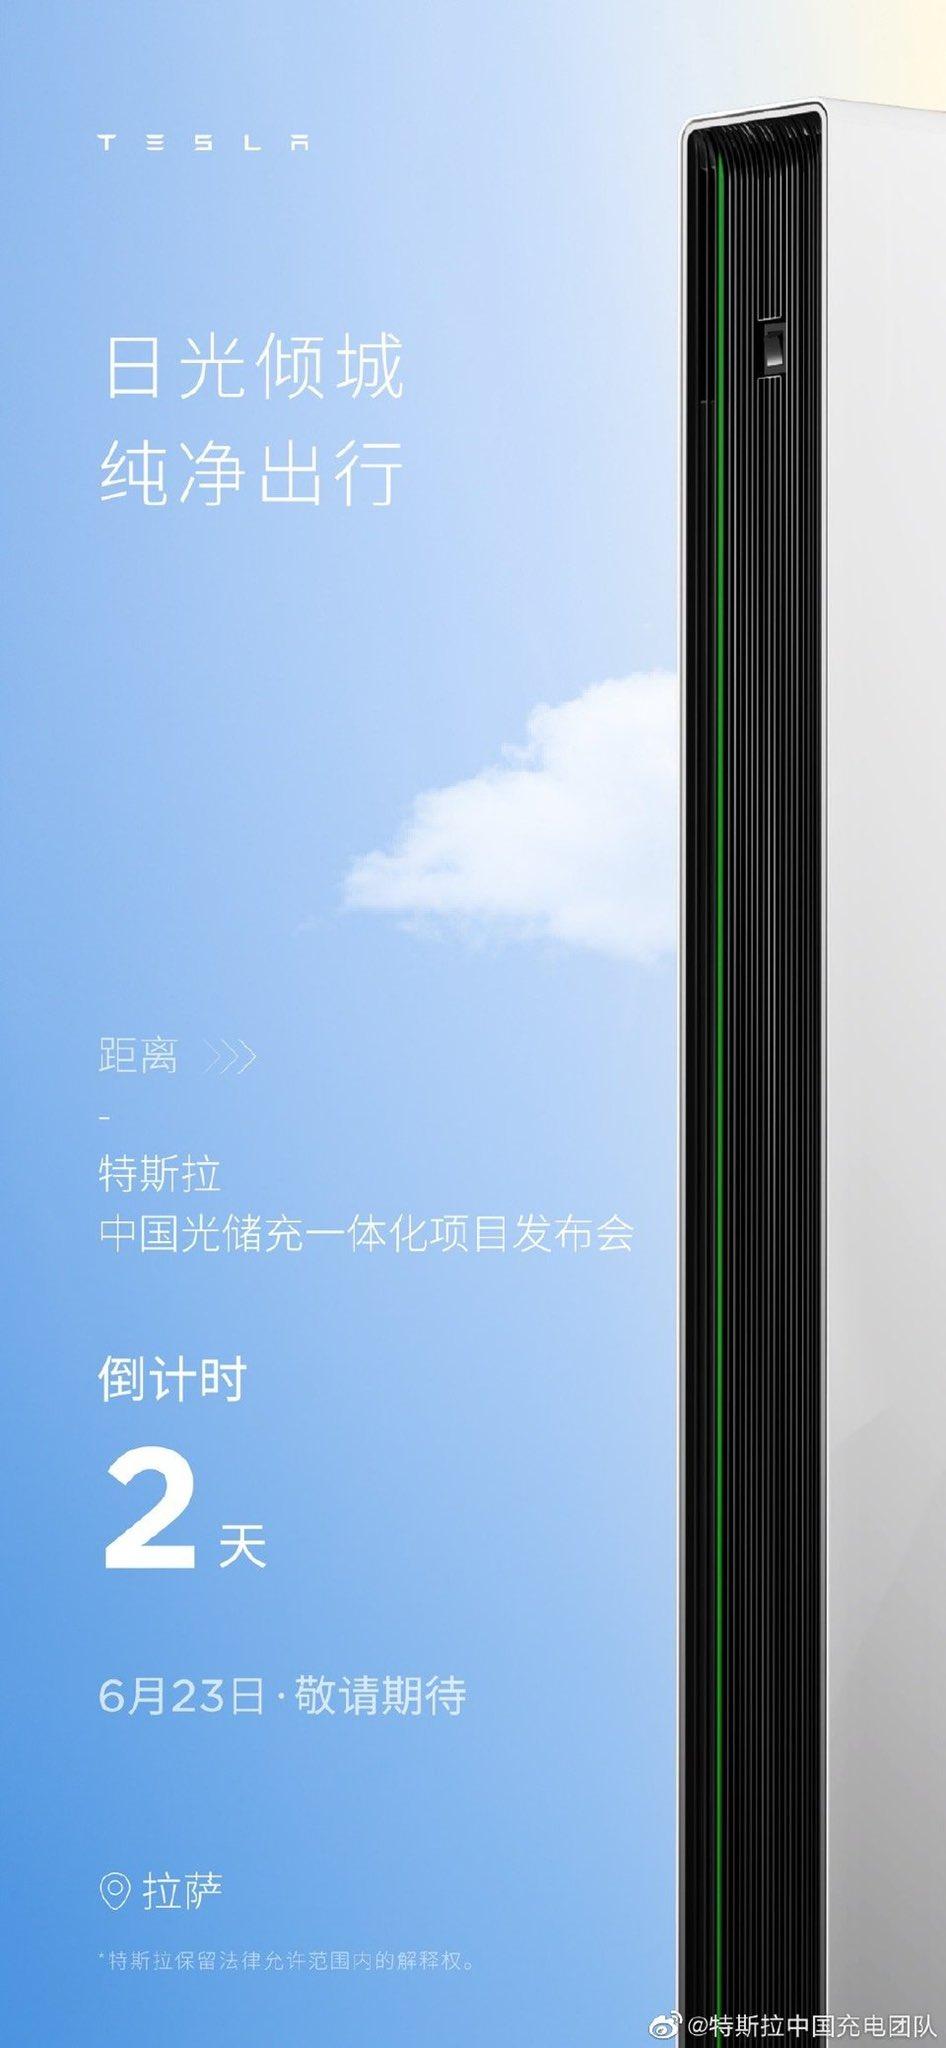 tesla-china-pw